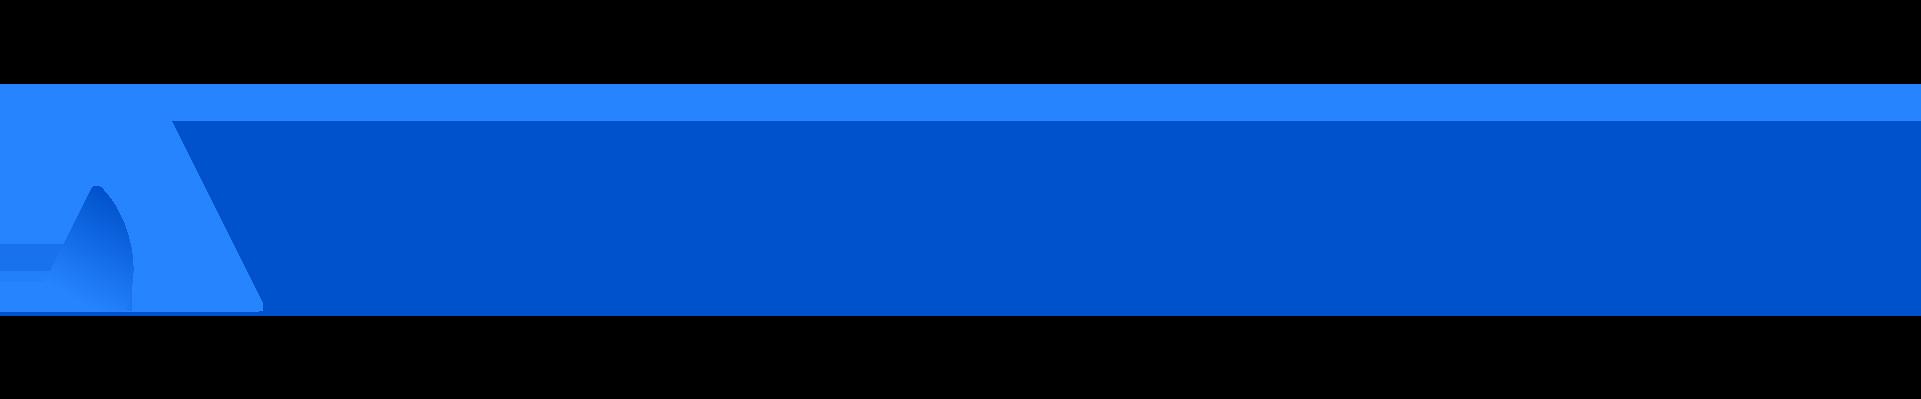 Blue_Atlassian_logo